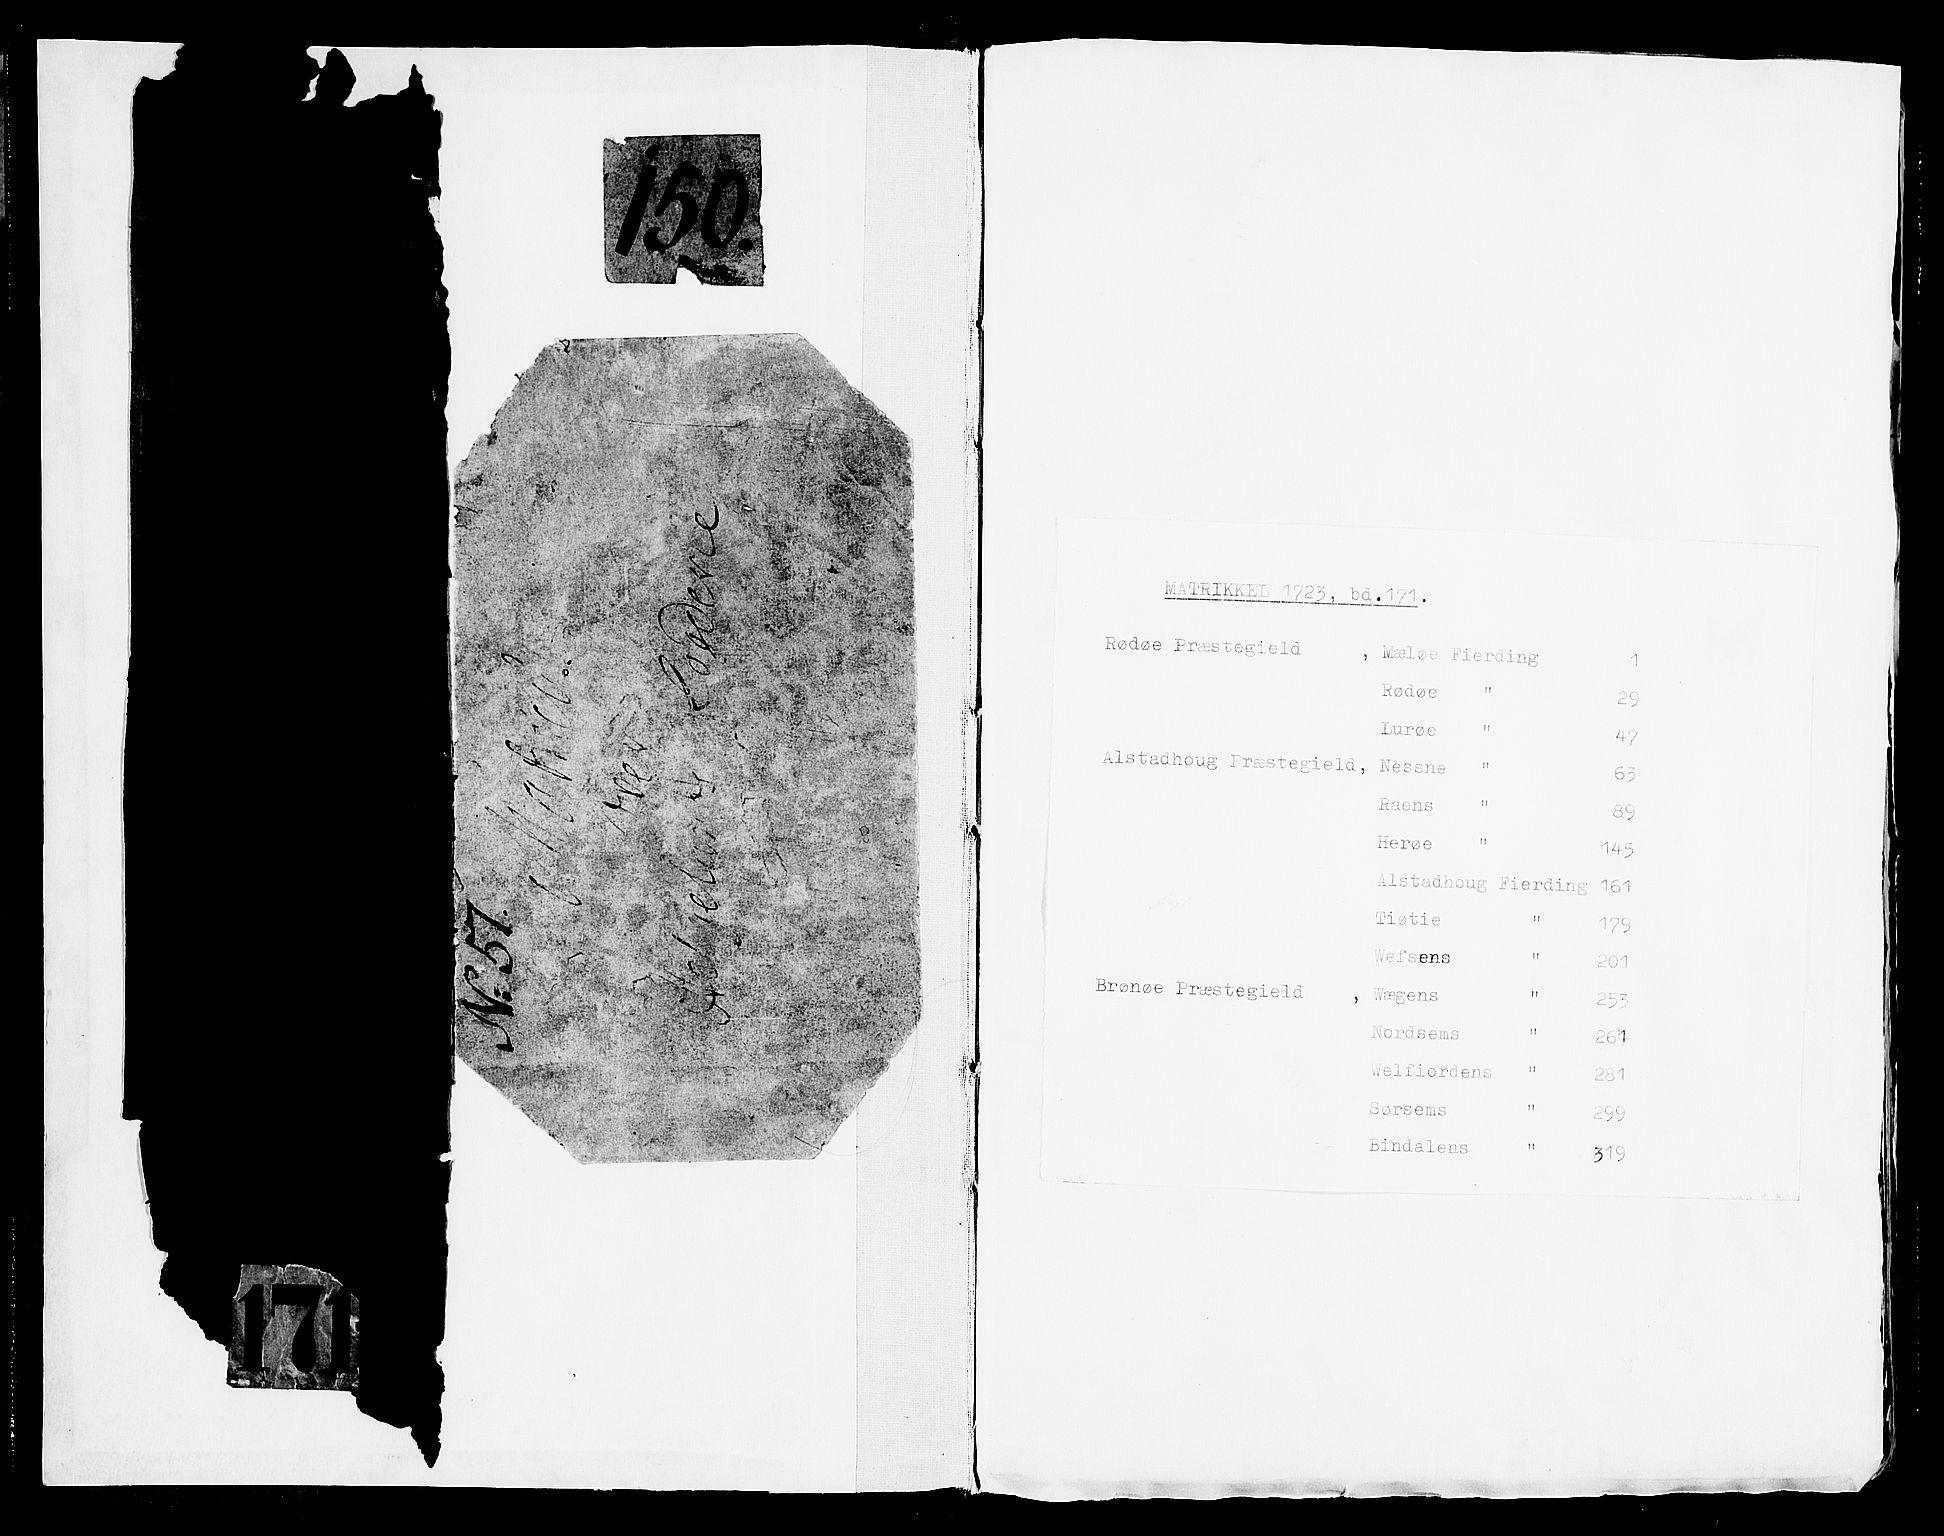 RA, Rentekammeret inntil 1814, Realistisk ordnet avdeling, N/Nb/Nbf/L0171: Helgeland matrikkelprotokoll, 1723, s. upaginert